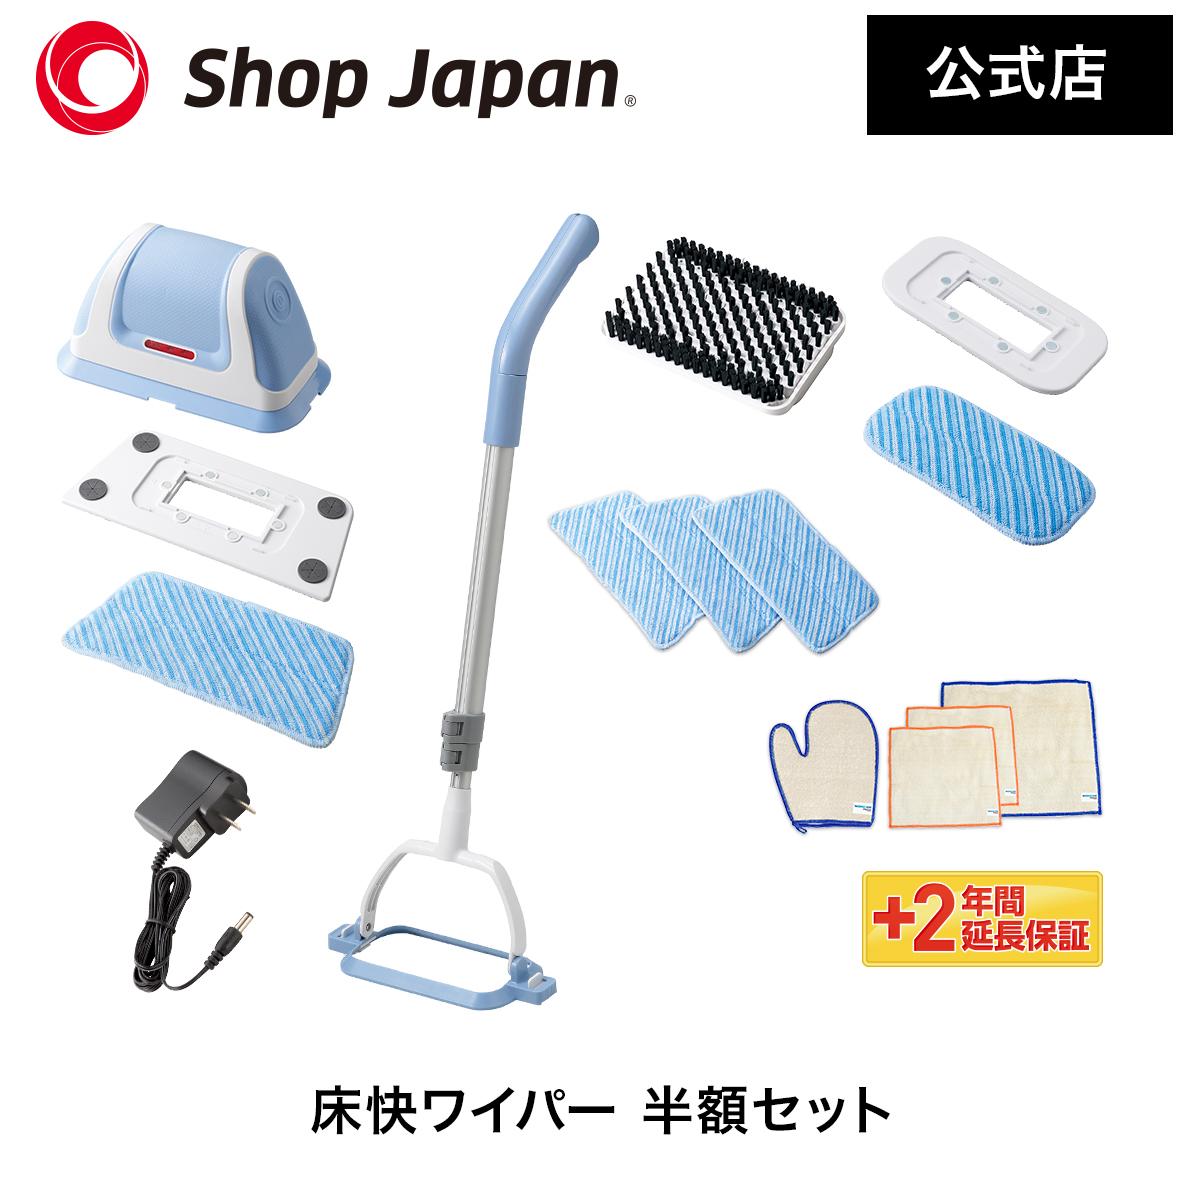 拭き掃除が簡単に!床快ワイパー 半額セット ゆかいワイパー 雑巾がけ 床掃除 拭き掃除